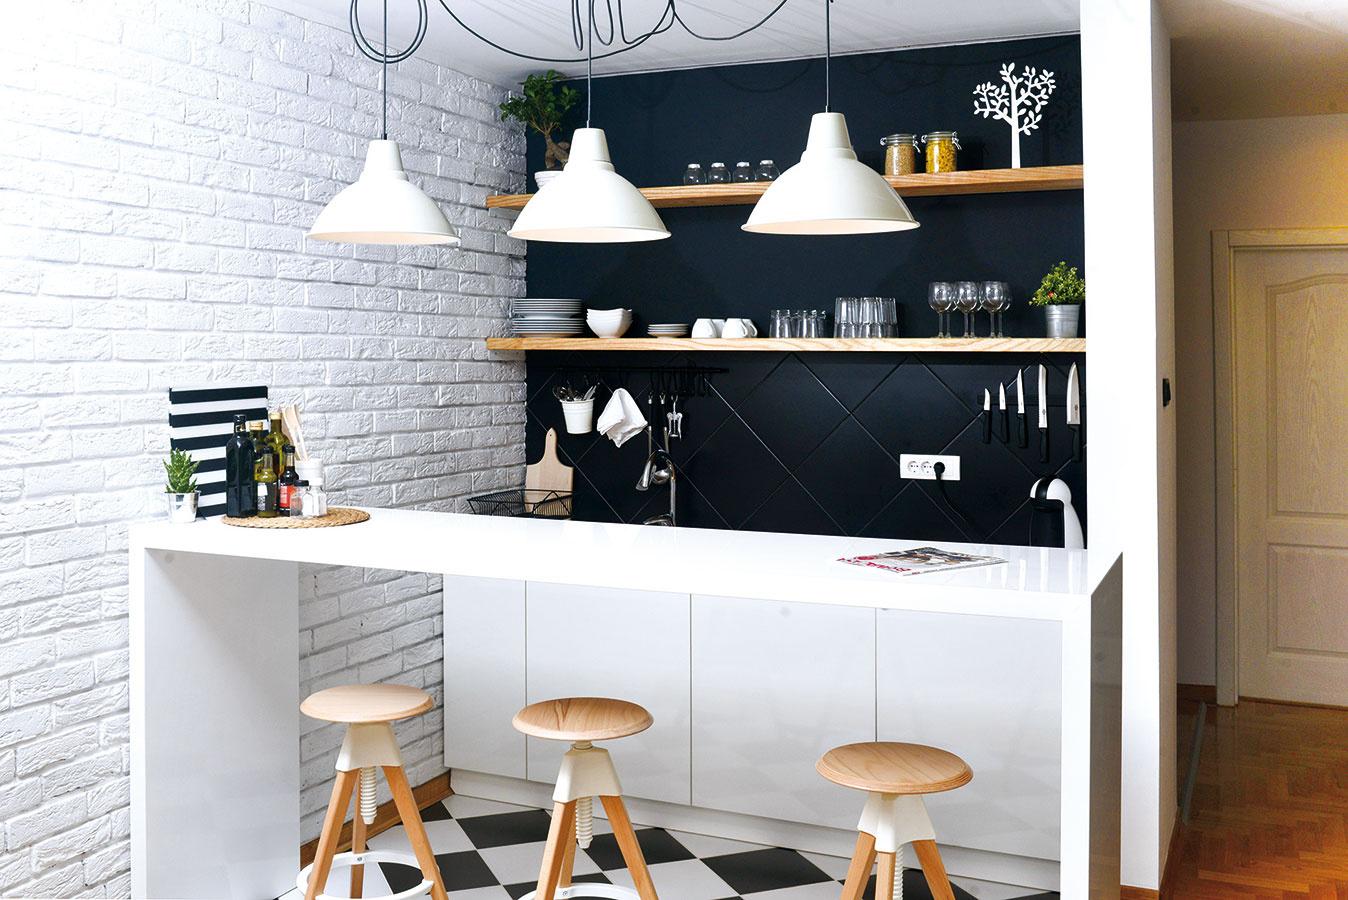 NIET ČO SKRÝVAŤ. Takýto minimalistický koncept je vhodný pre život vgarsónke, kde sa na malom priestore funkčne sústreďuje viac miestností: kuchyňa, jedáleň, spálňa aj obývacia izba. Ak si pri varení vystačíte naozaj len snevyhnutnými kuchynskými pomôckami, na tých niekoľkých pohároch, šálkach, tanieroch amiskách na otvorených policiach sa nestihne usadiť ani obávaný prach.